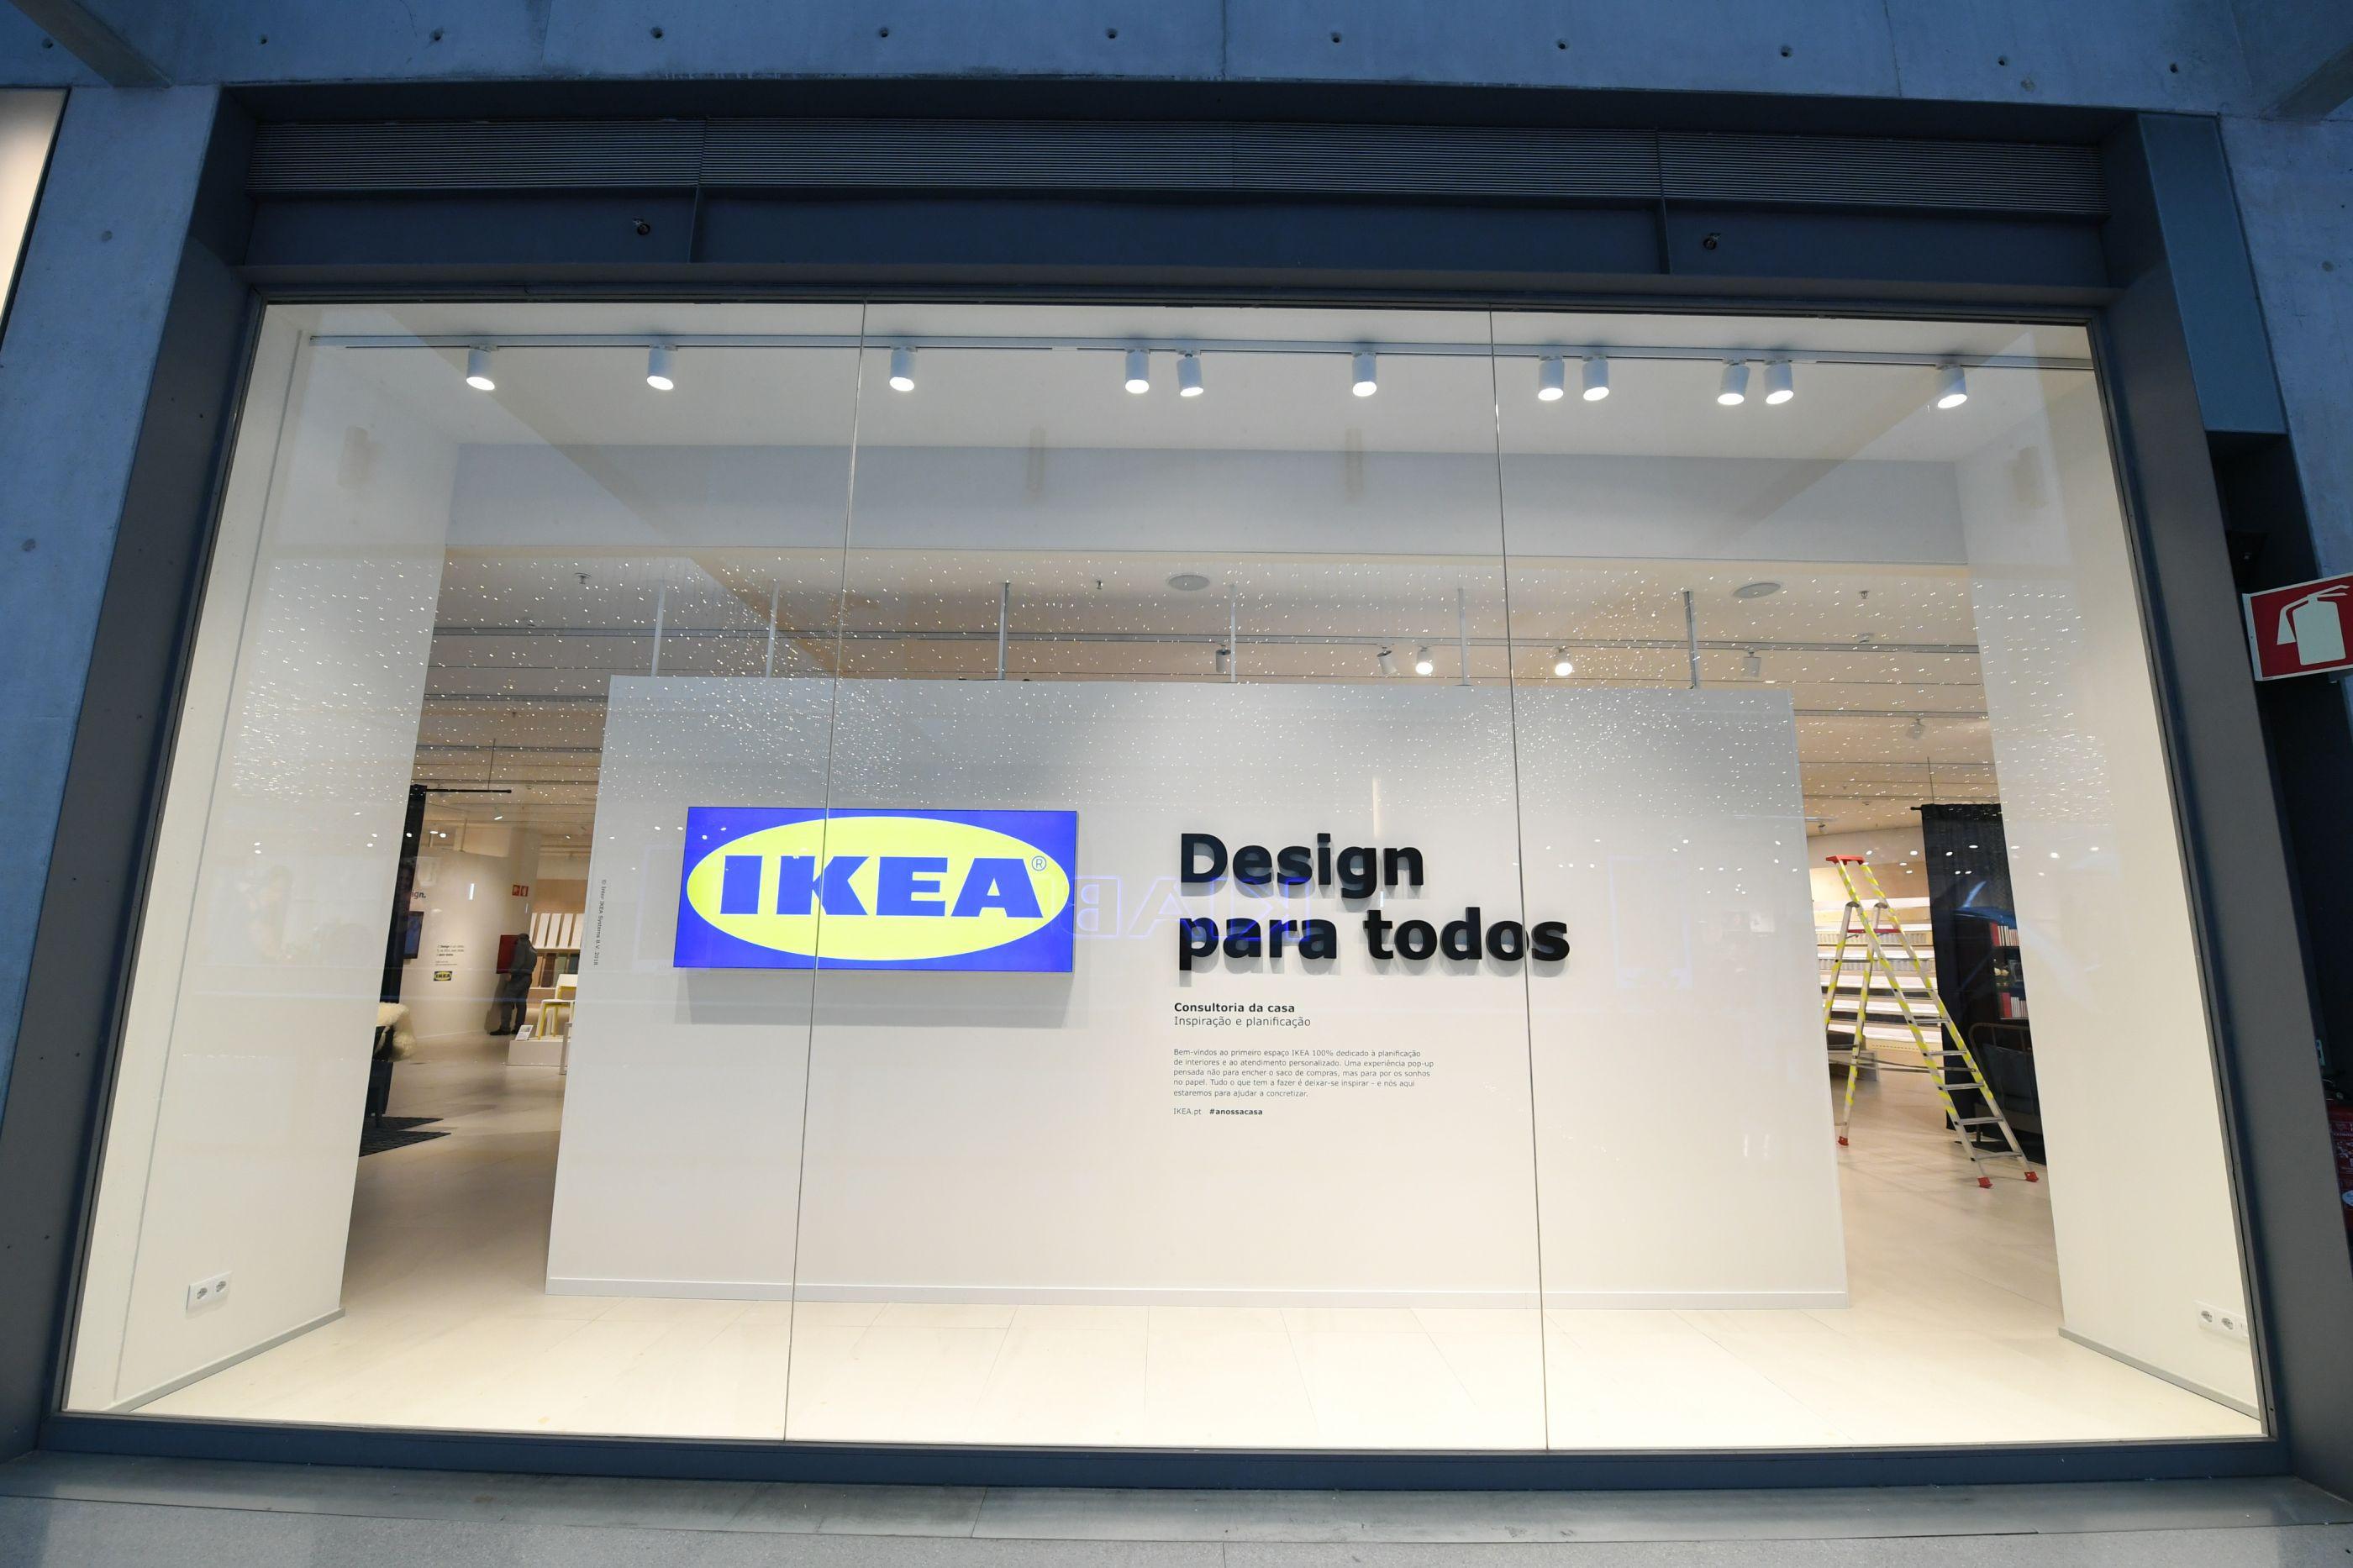 Ikea emite alerta por acusa de produto mal etiquetado. Portugal a 'salvo'